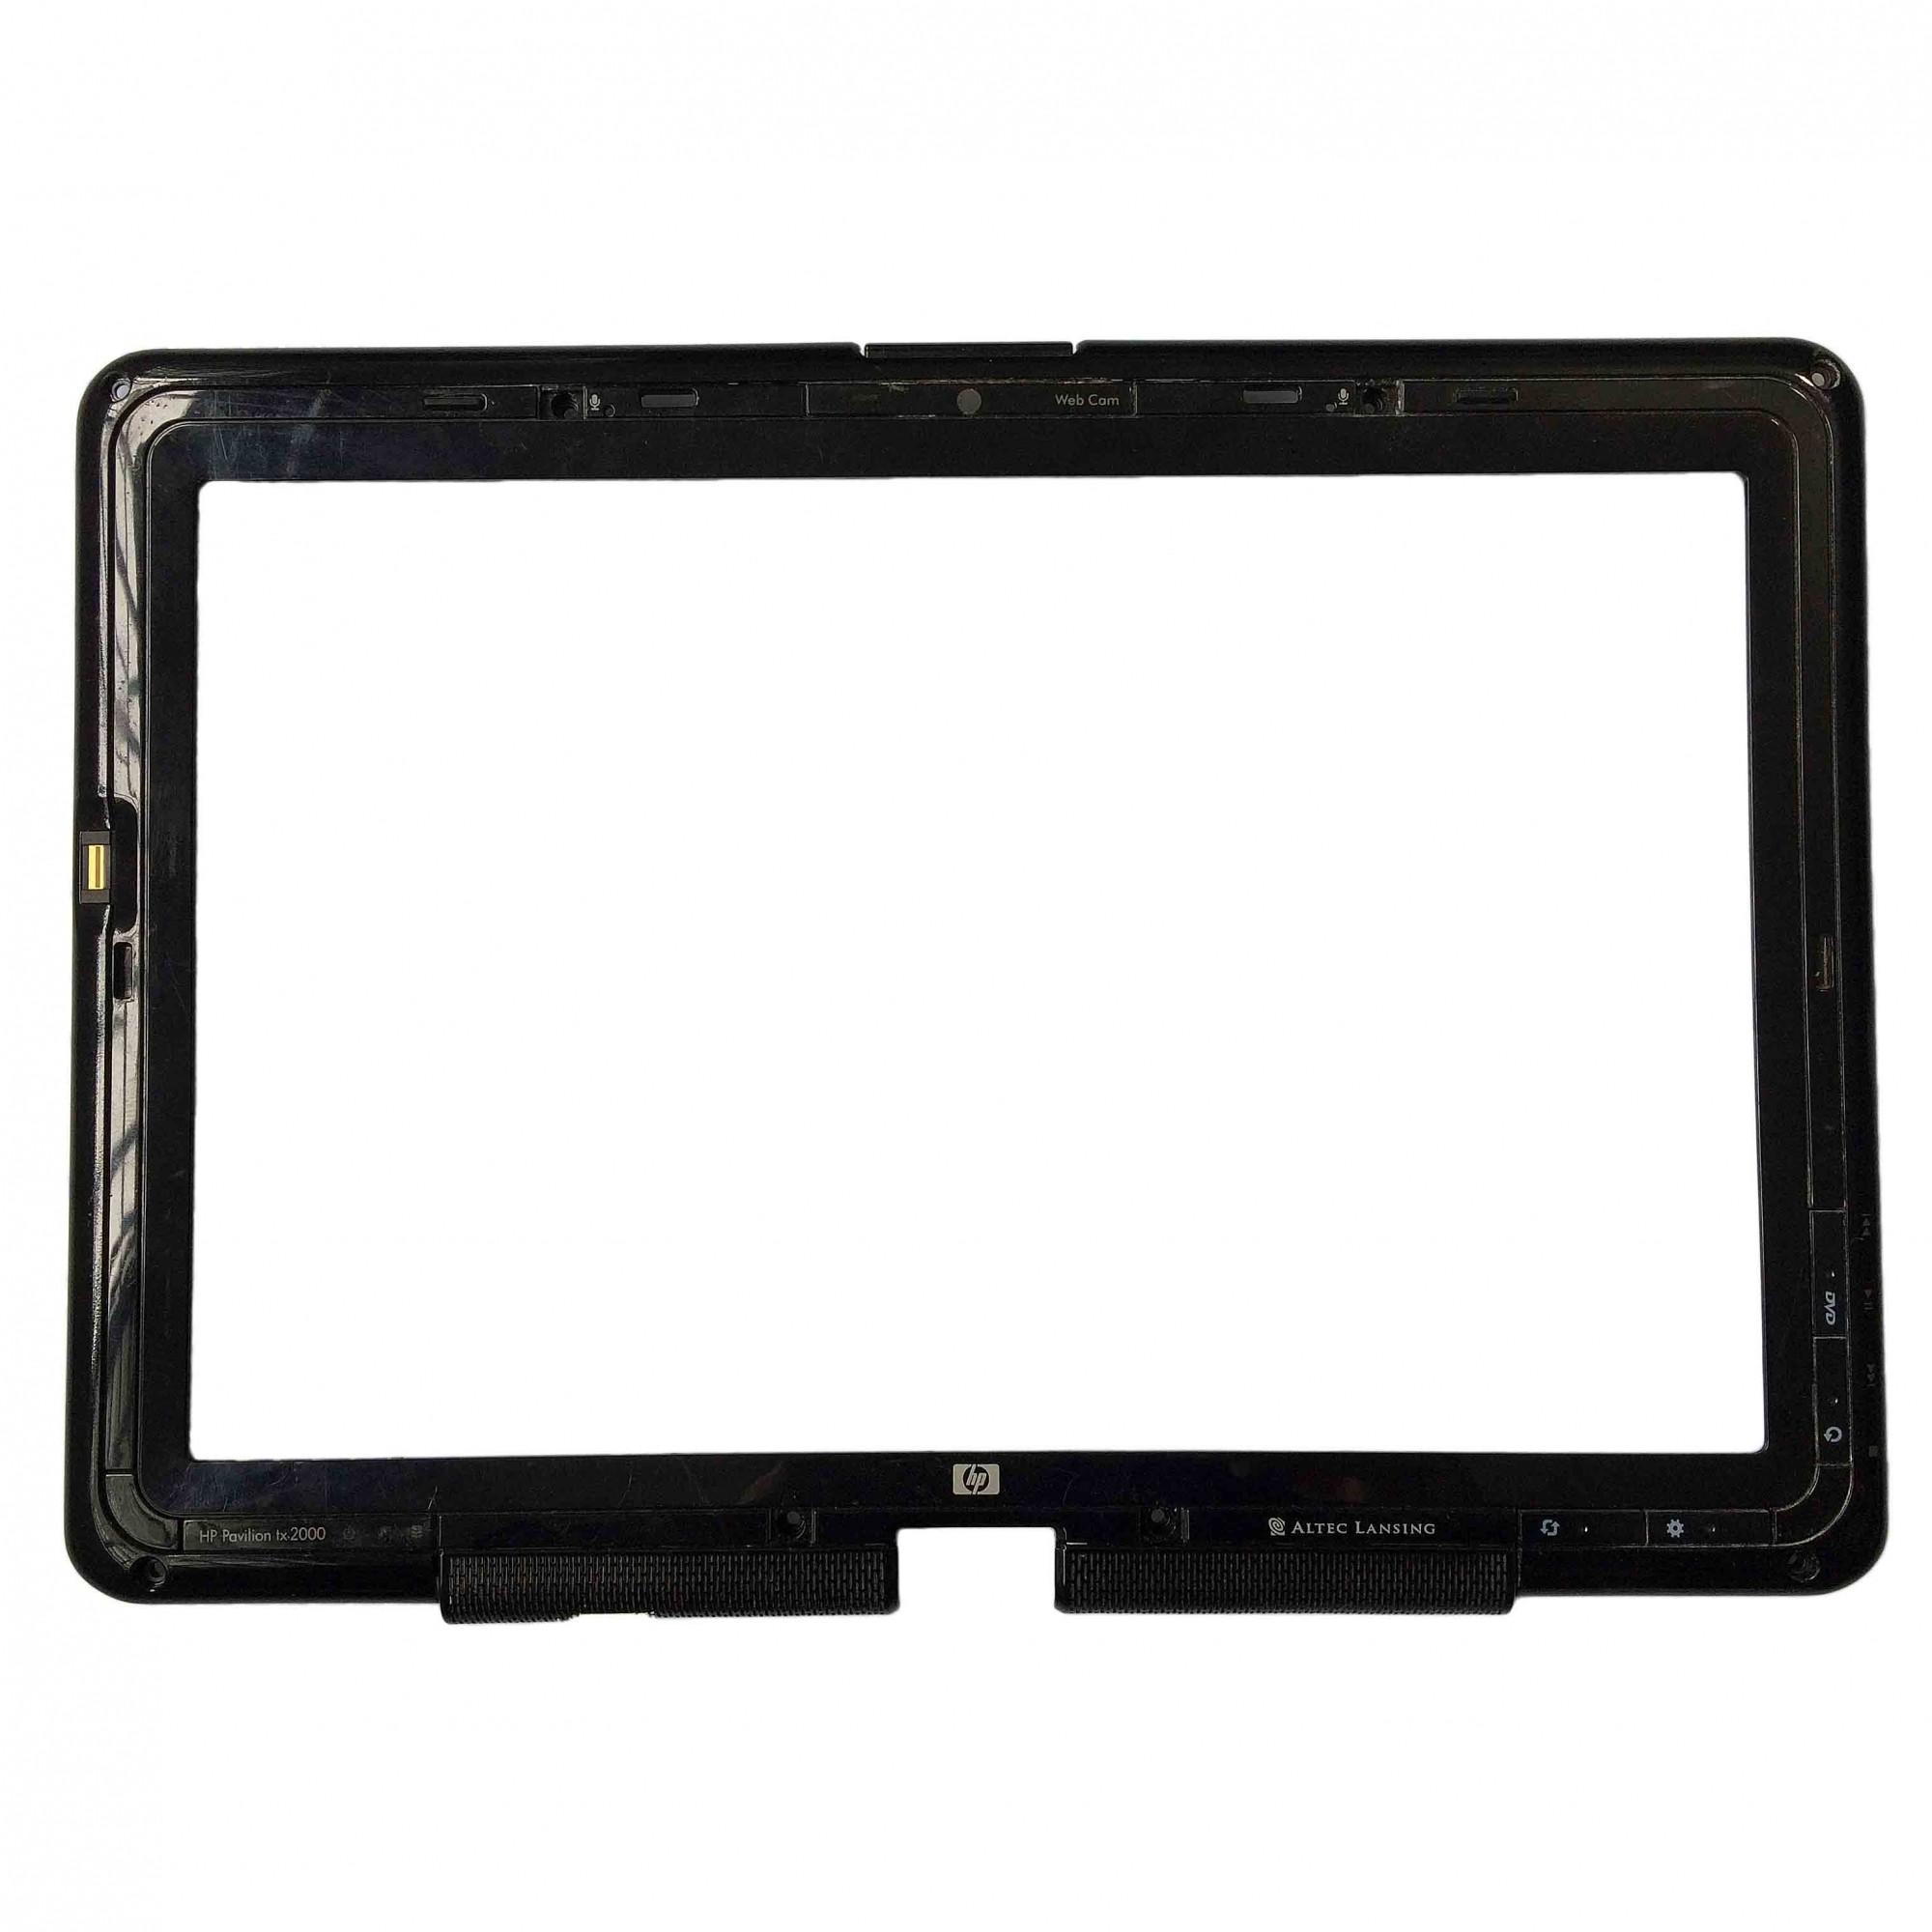 Moldura Tela LCD Notebook Hp Pavilion Tx2075br PN:eatt8002012 - Retirado